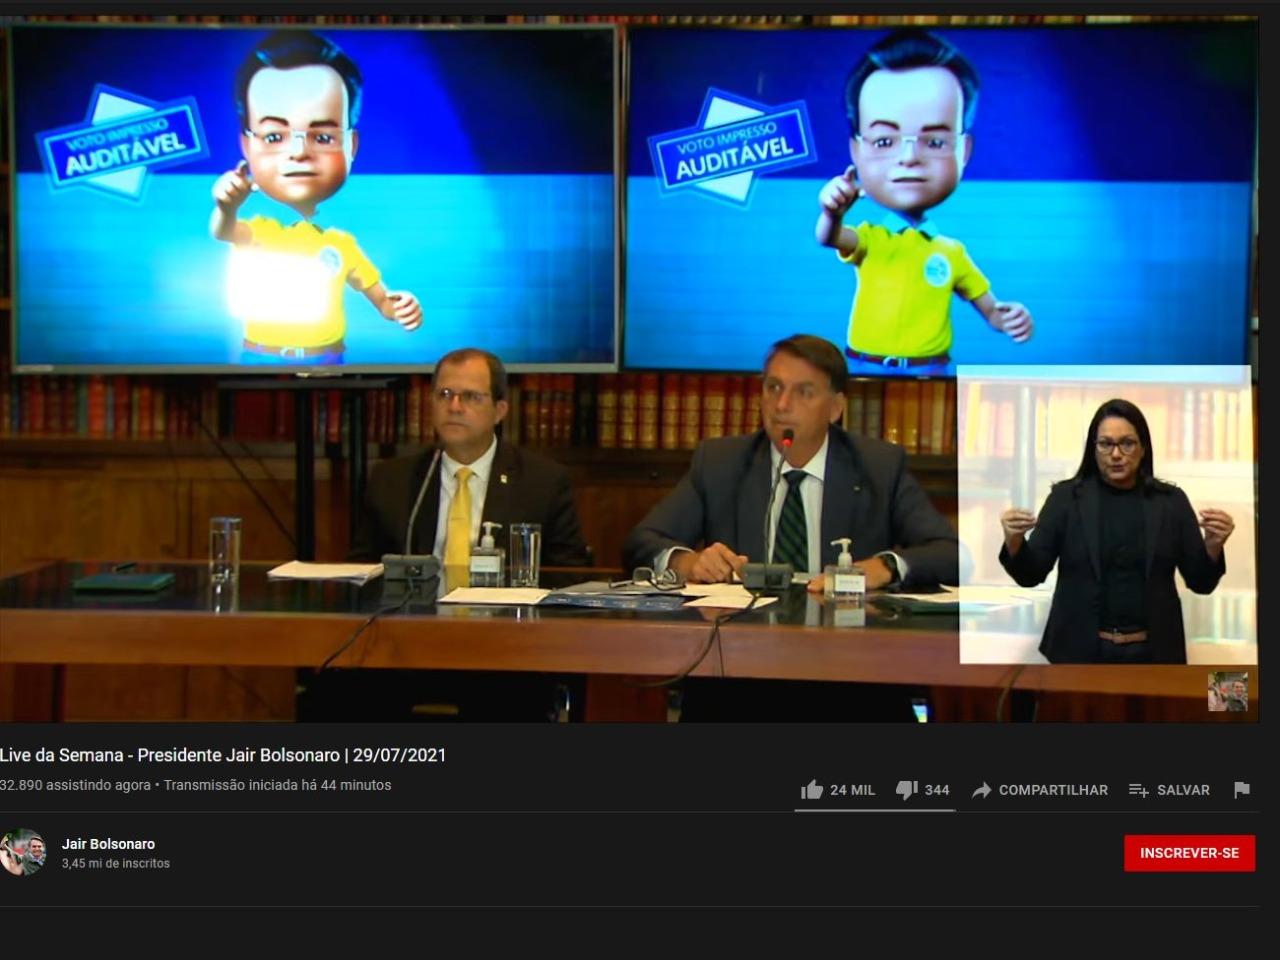 live tse bolsonaro1 - TSE desmente alegações de Bolsonaro sobre urna eletrônica em live